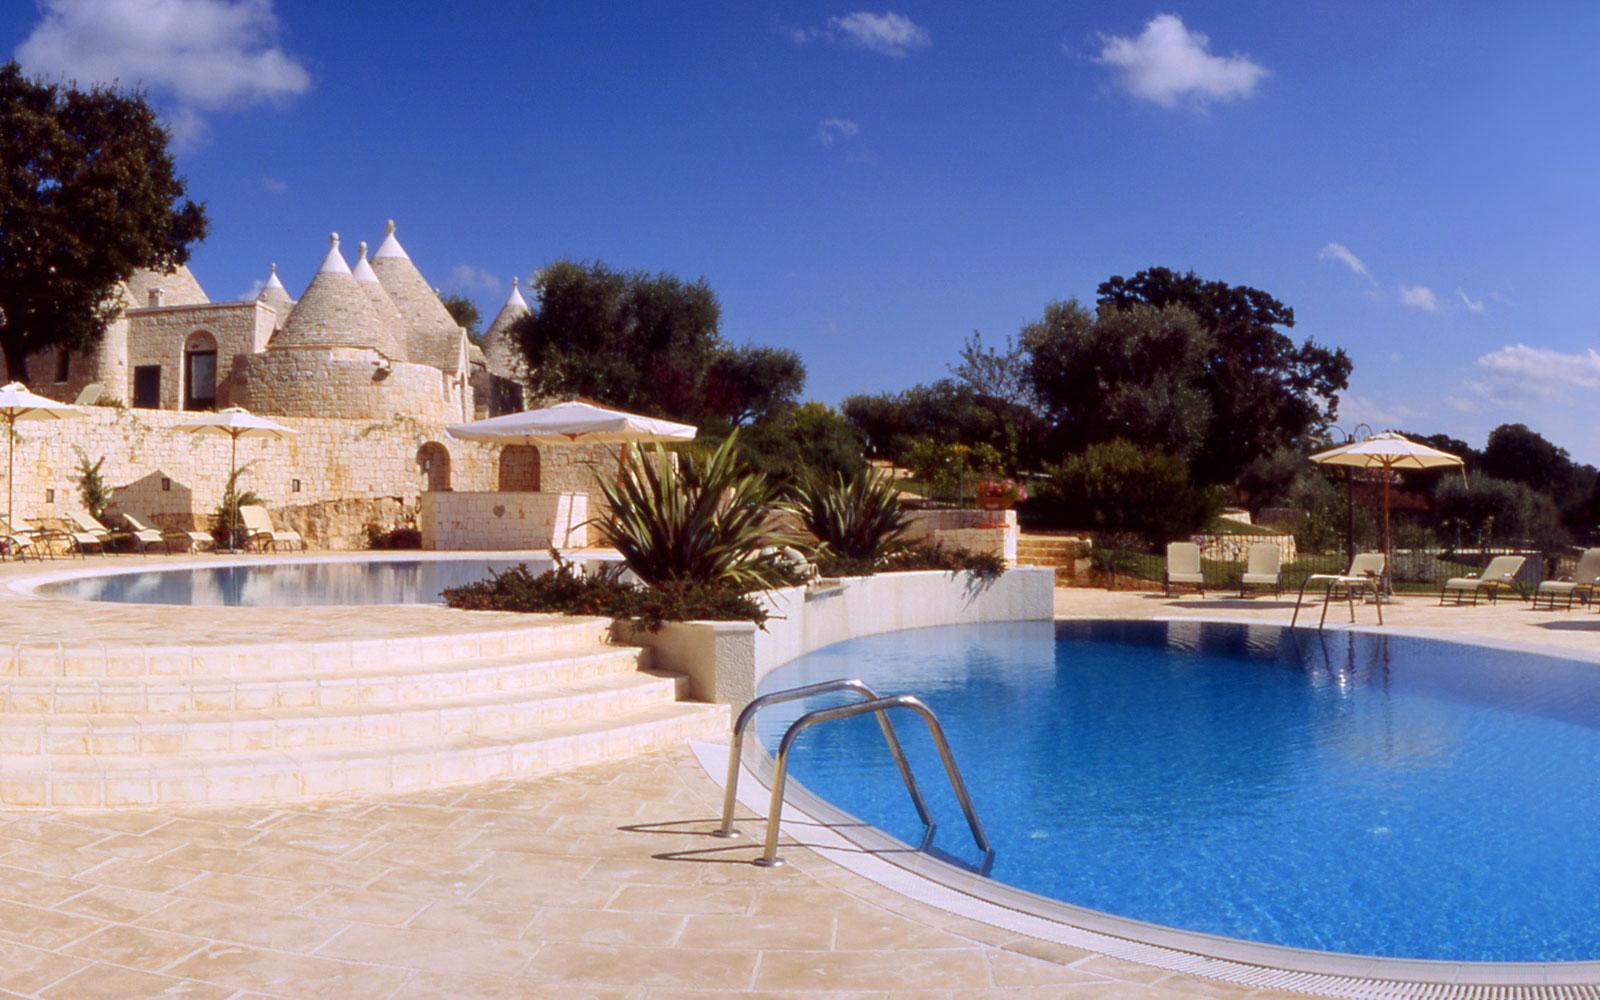 Poolside at Il Palmento